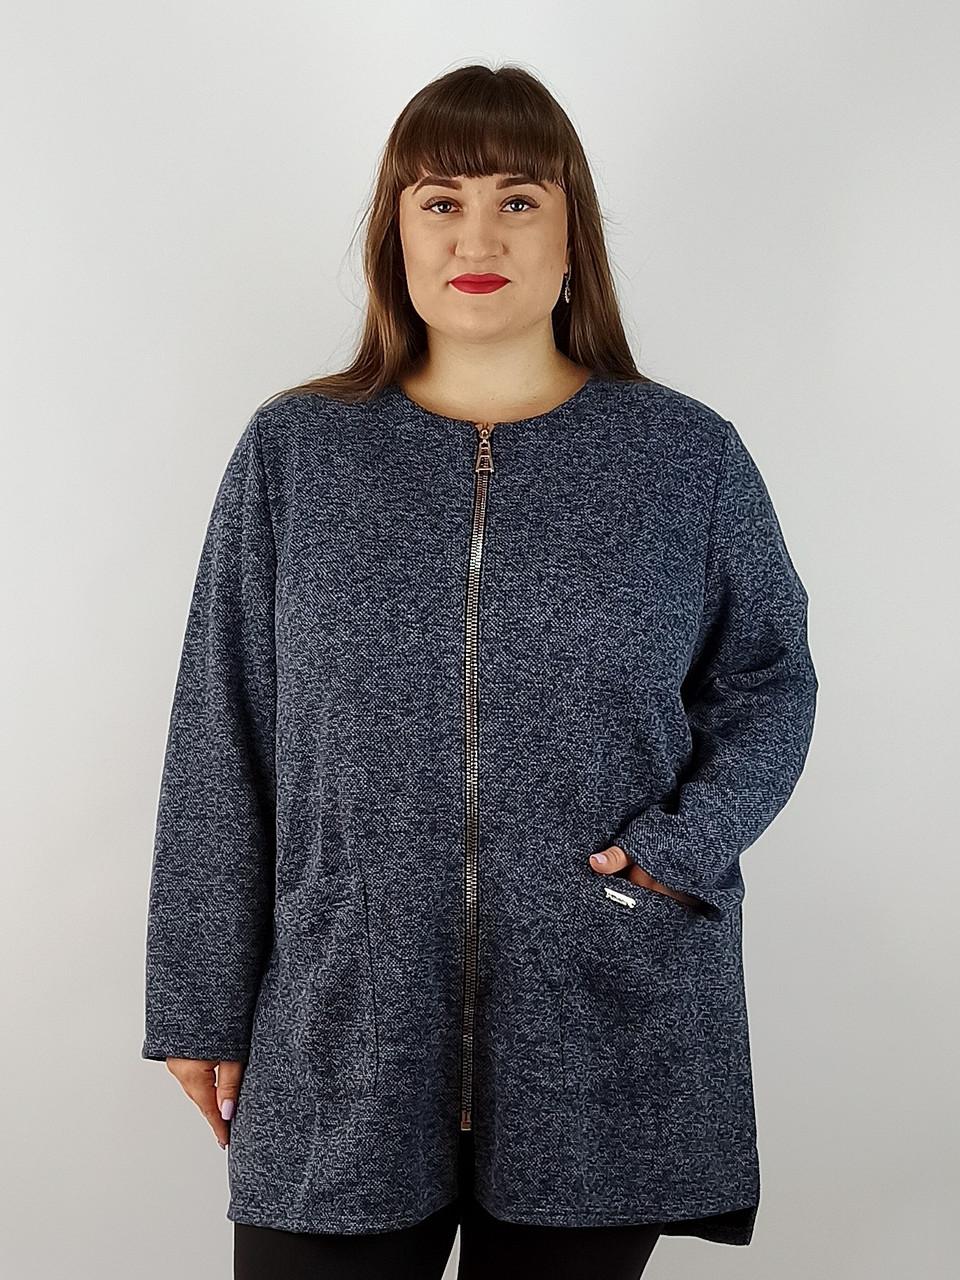 Кардиган женский большие размеры от 50 до 66